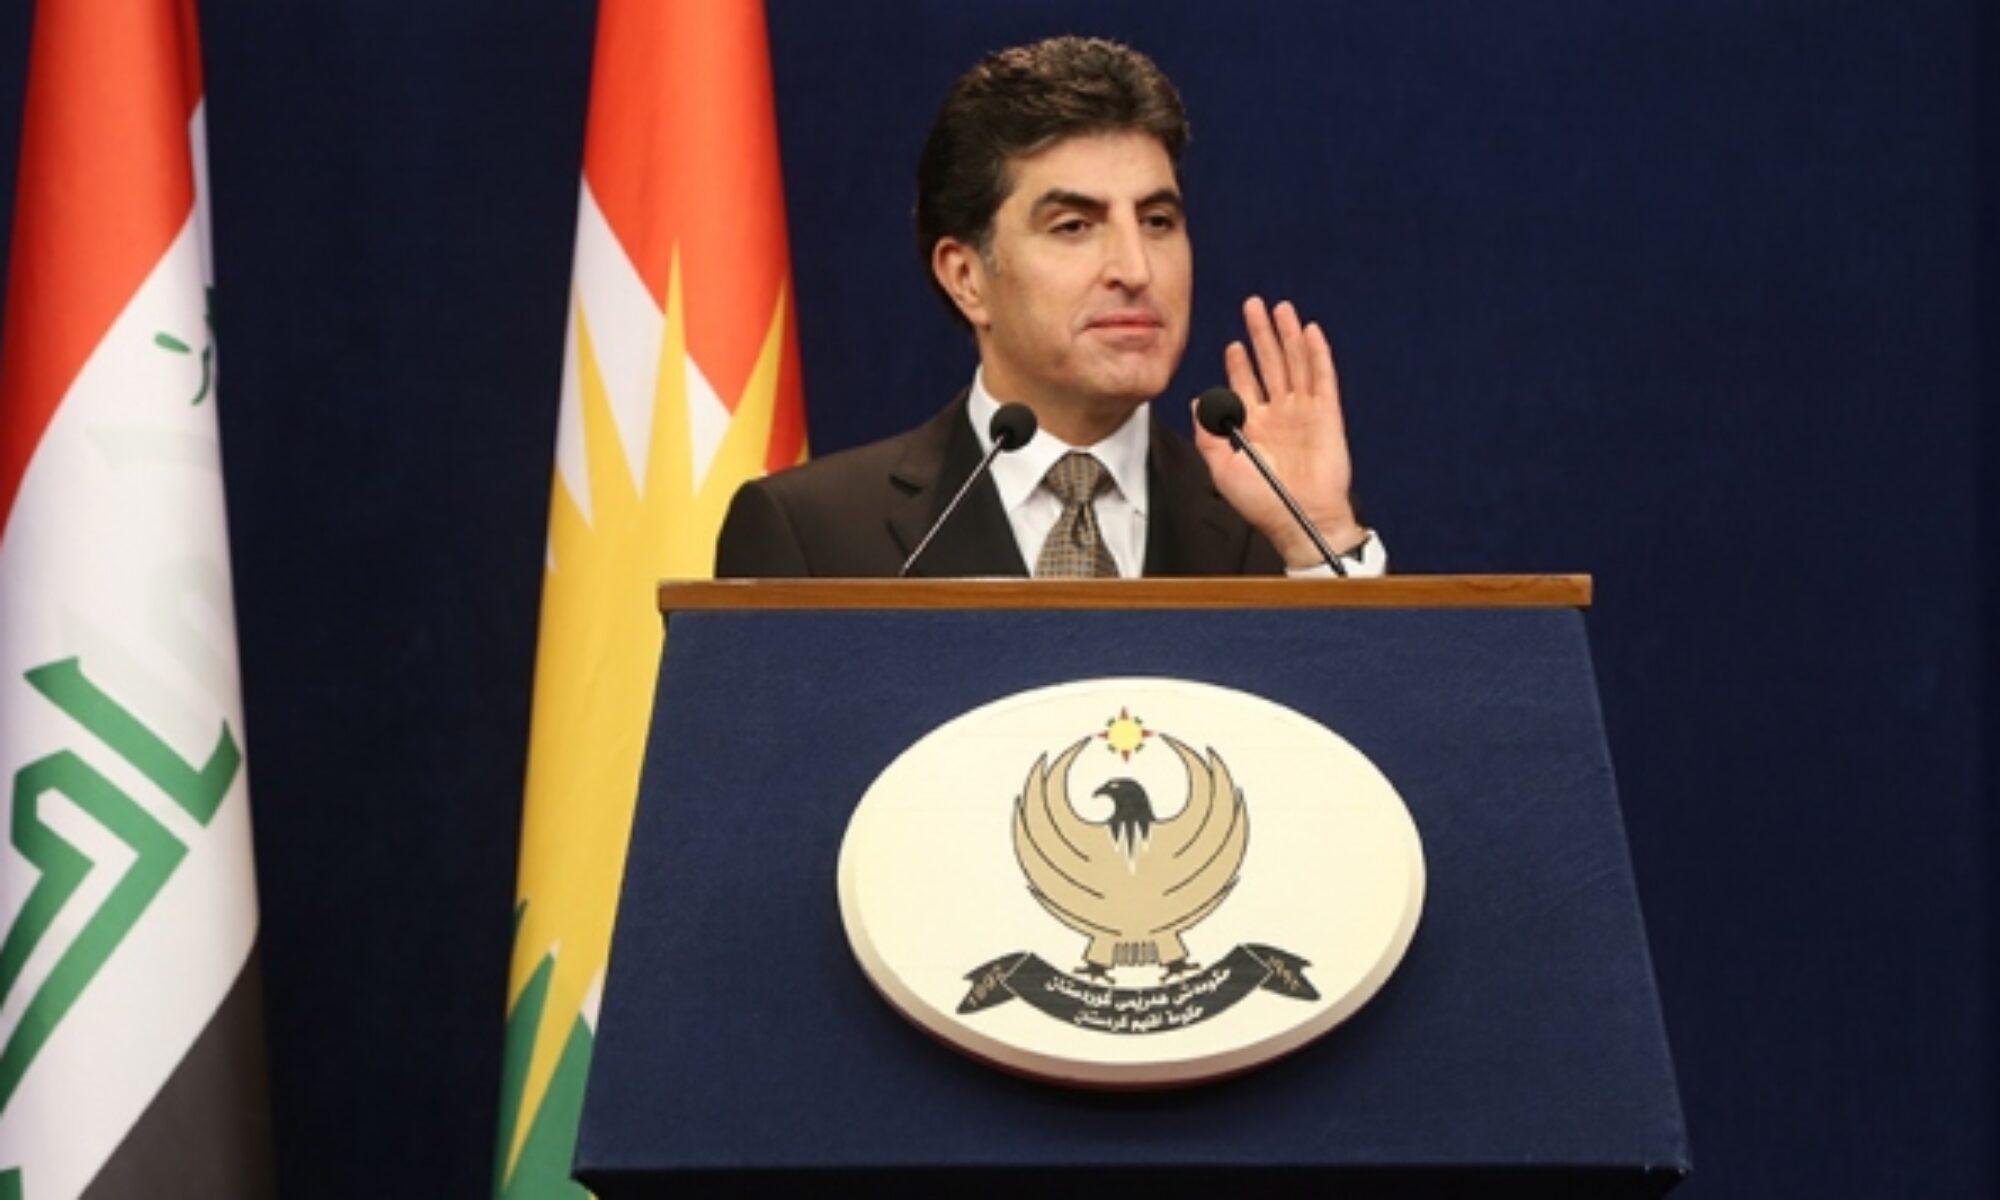 Kürdistan Bölgesi Başkanı Neçirvan Barzani: PKK 30 yıldır Kürdistan Bölgesi için sorun yaratıyor